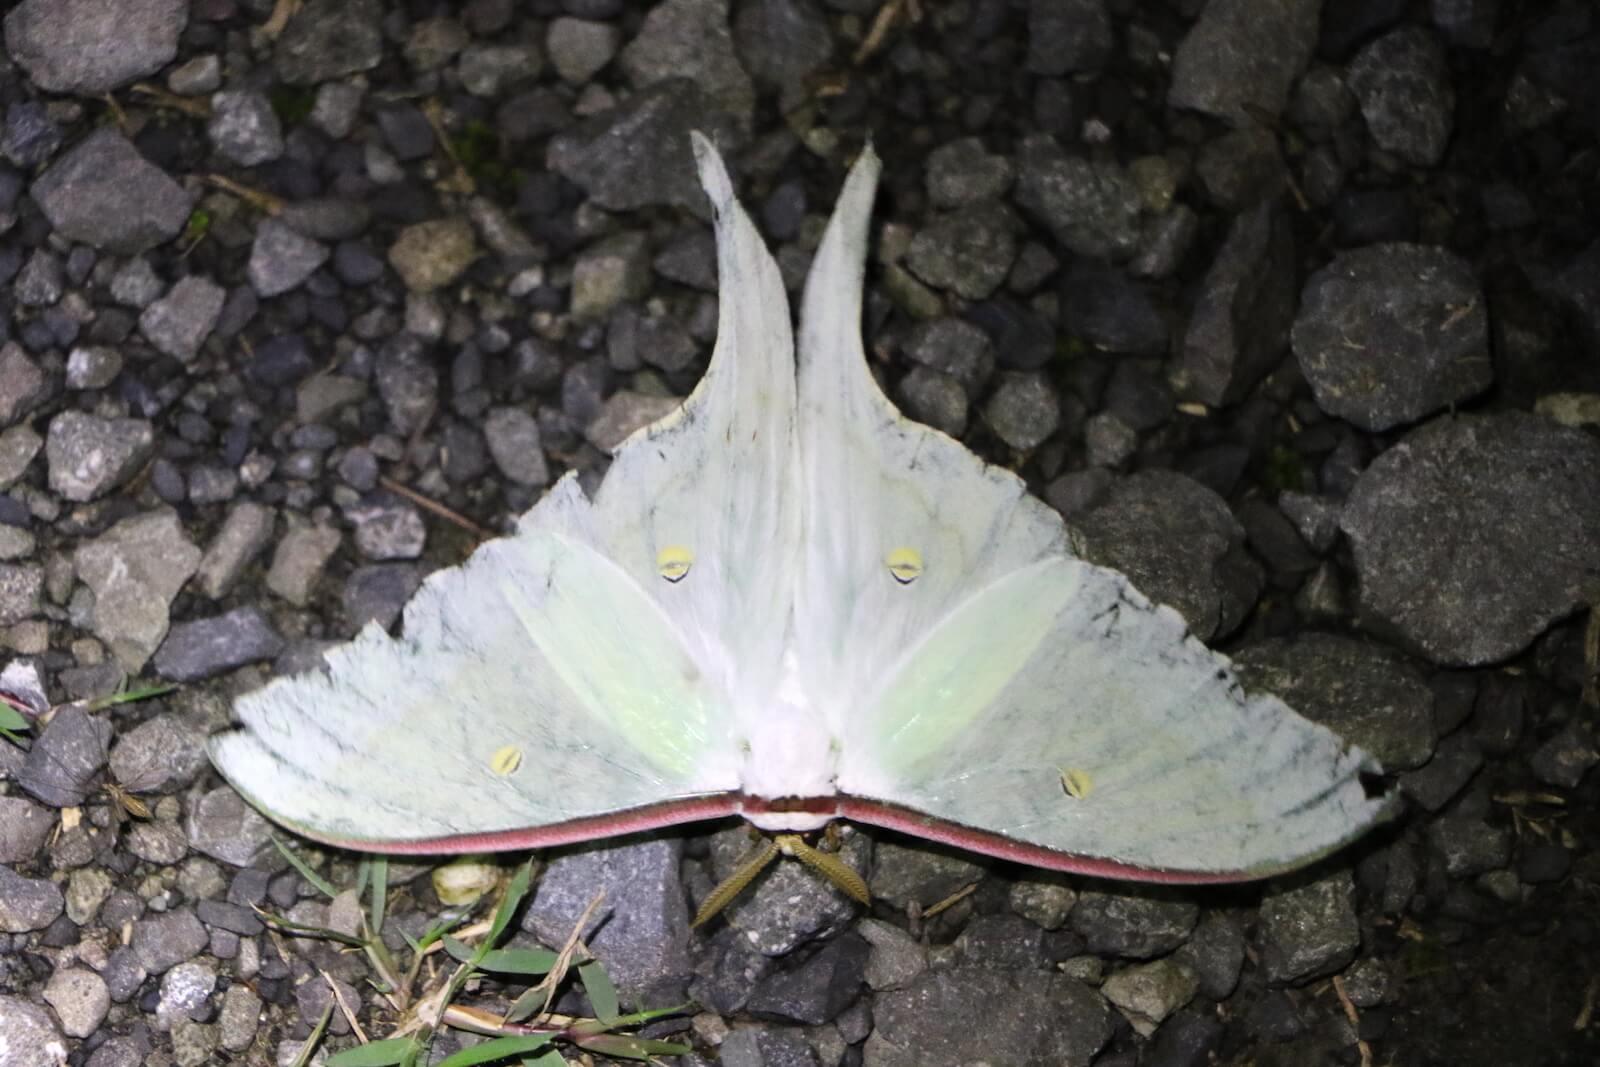 オナガミズアオ〜準絶滅危惧種の『森のアオ』。蛾を『アオ』と呼ぶは、先人が残した情緒。